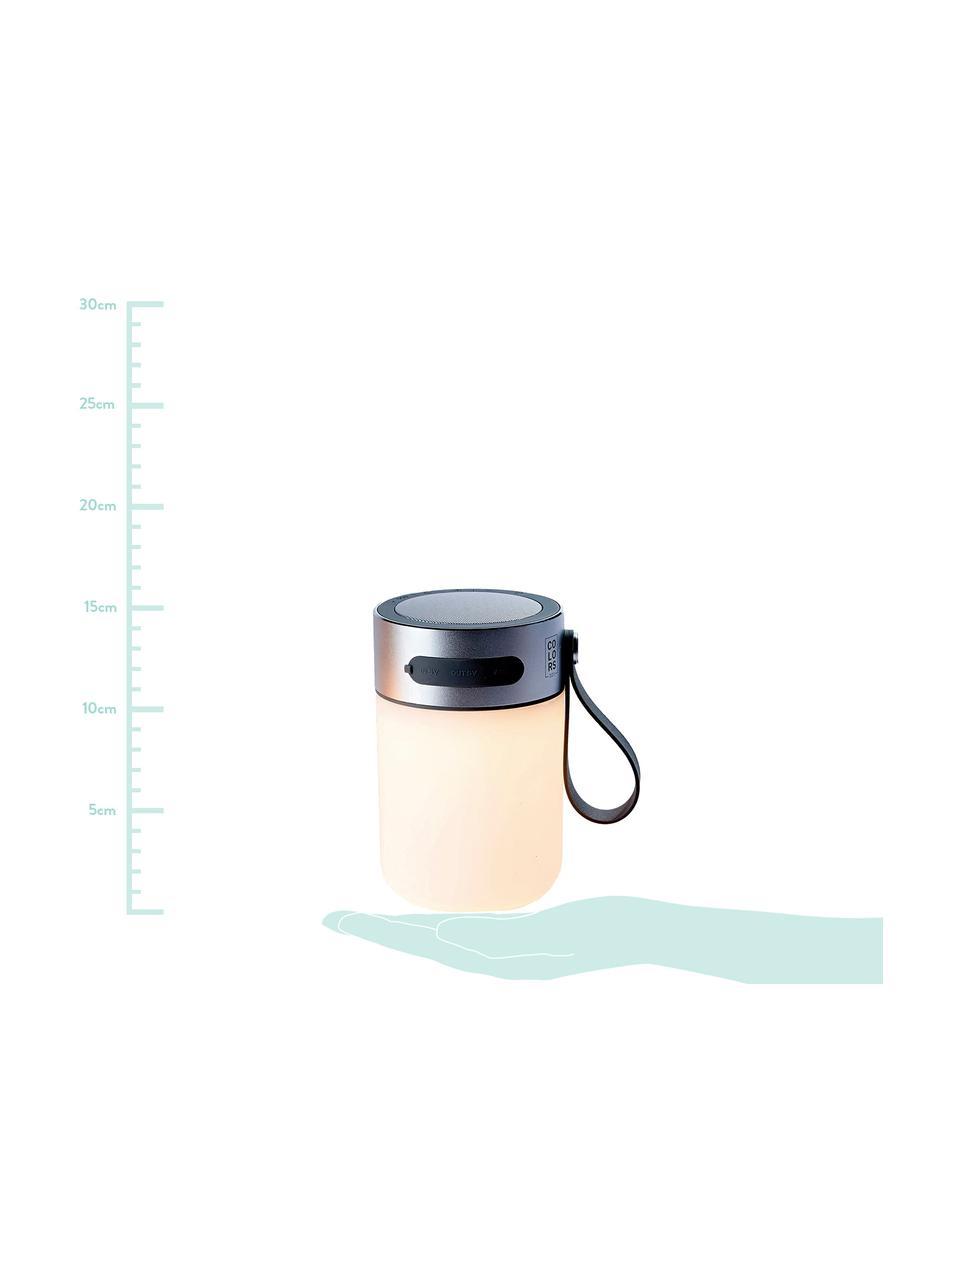 Lampe d'extérieur LED mobile avec enceinte, intensité variable Sound Jar, Couleur argentée, blanc